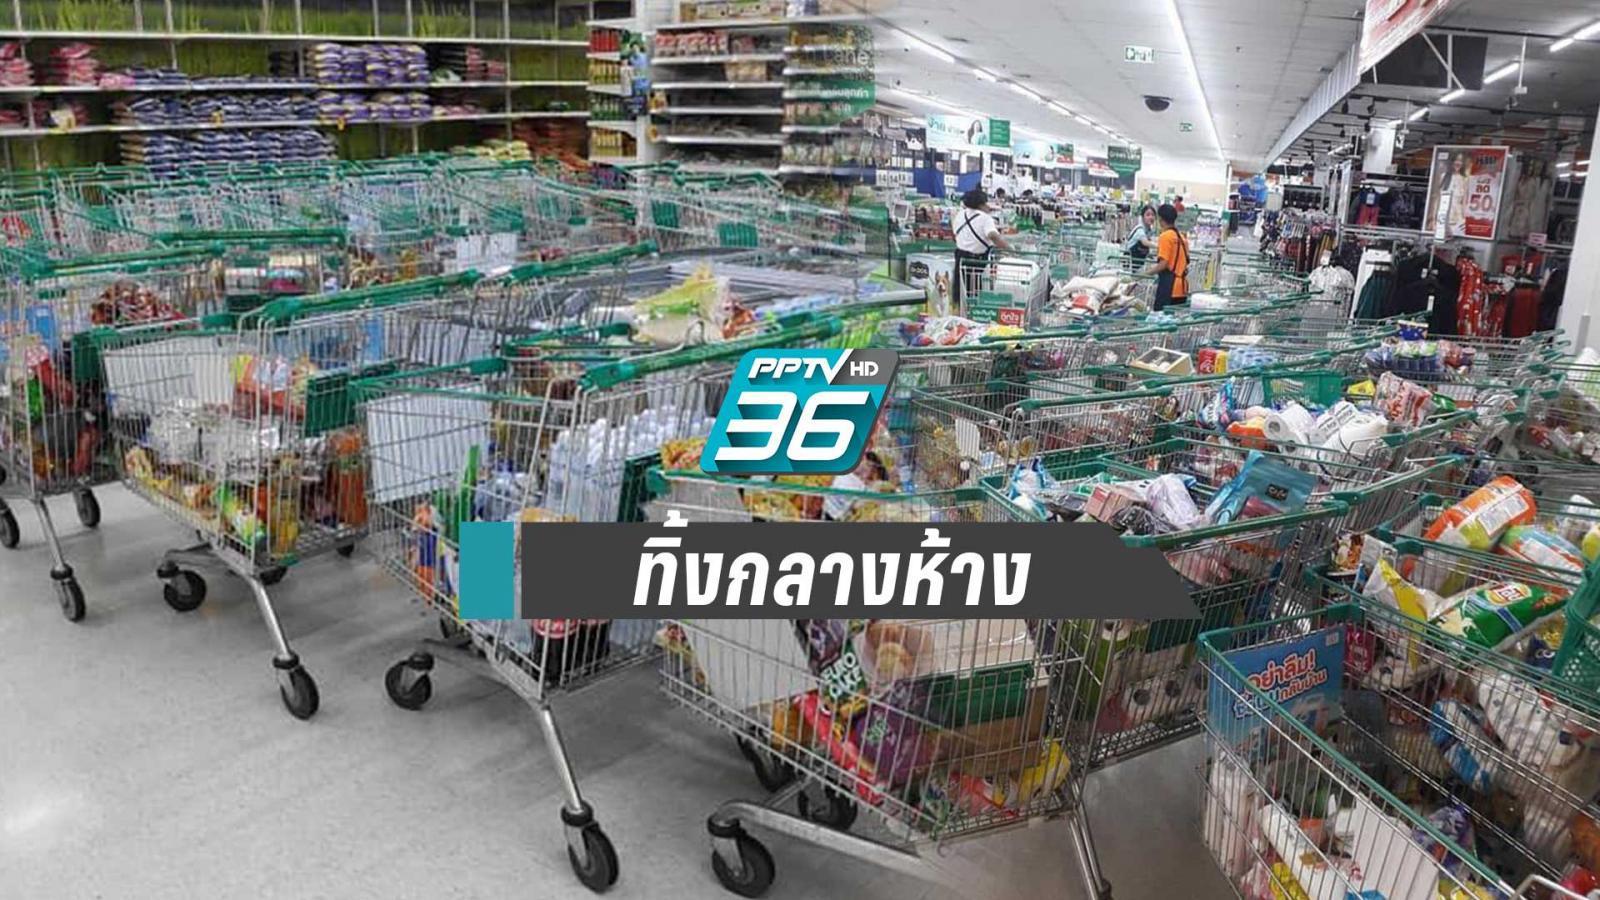 """ระบบล่ม!! """"ชิมช้อปใช้"""" คนแห่ทิ้งสินค้าเต็มห้างฯ ลำบากพนักงานตามเก็บคืนชั้น"""